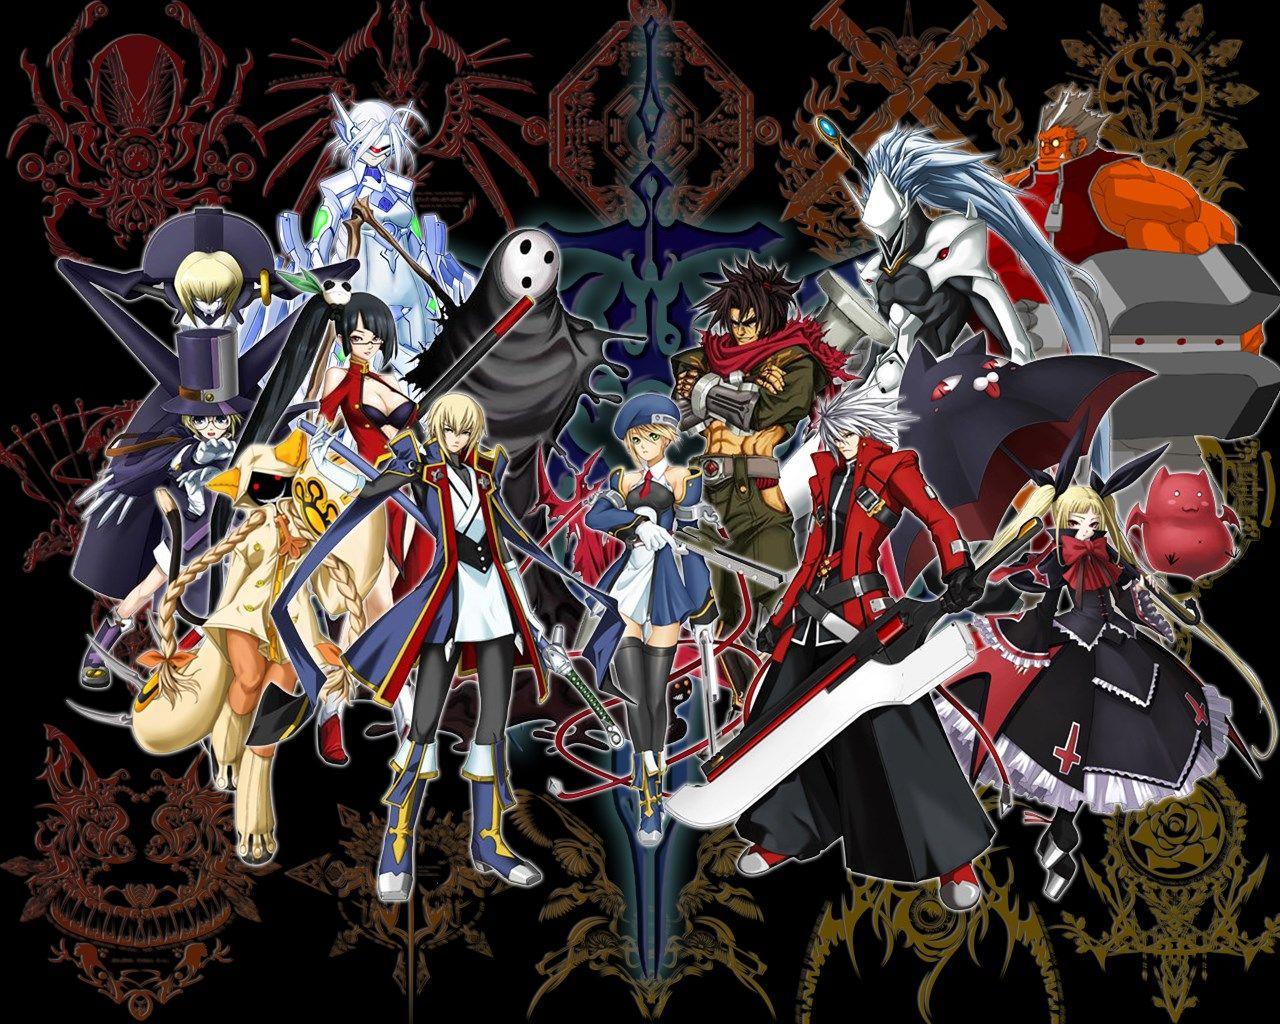 1280x1024 Free blazblue Romantic anime, Best action